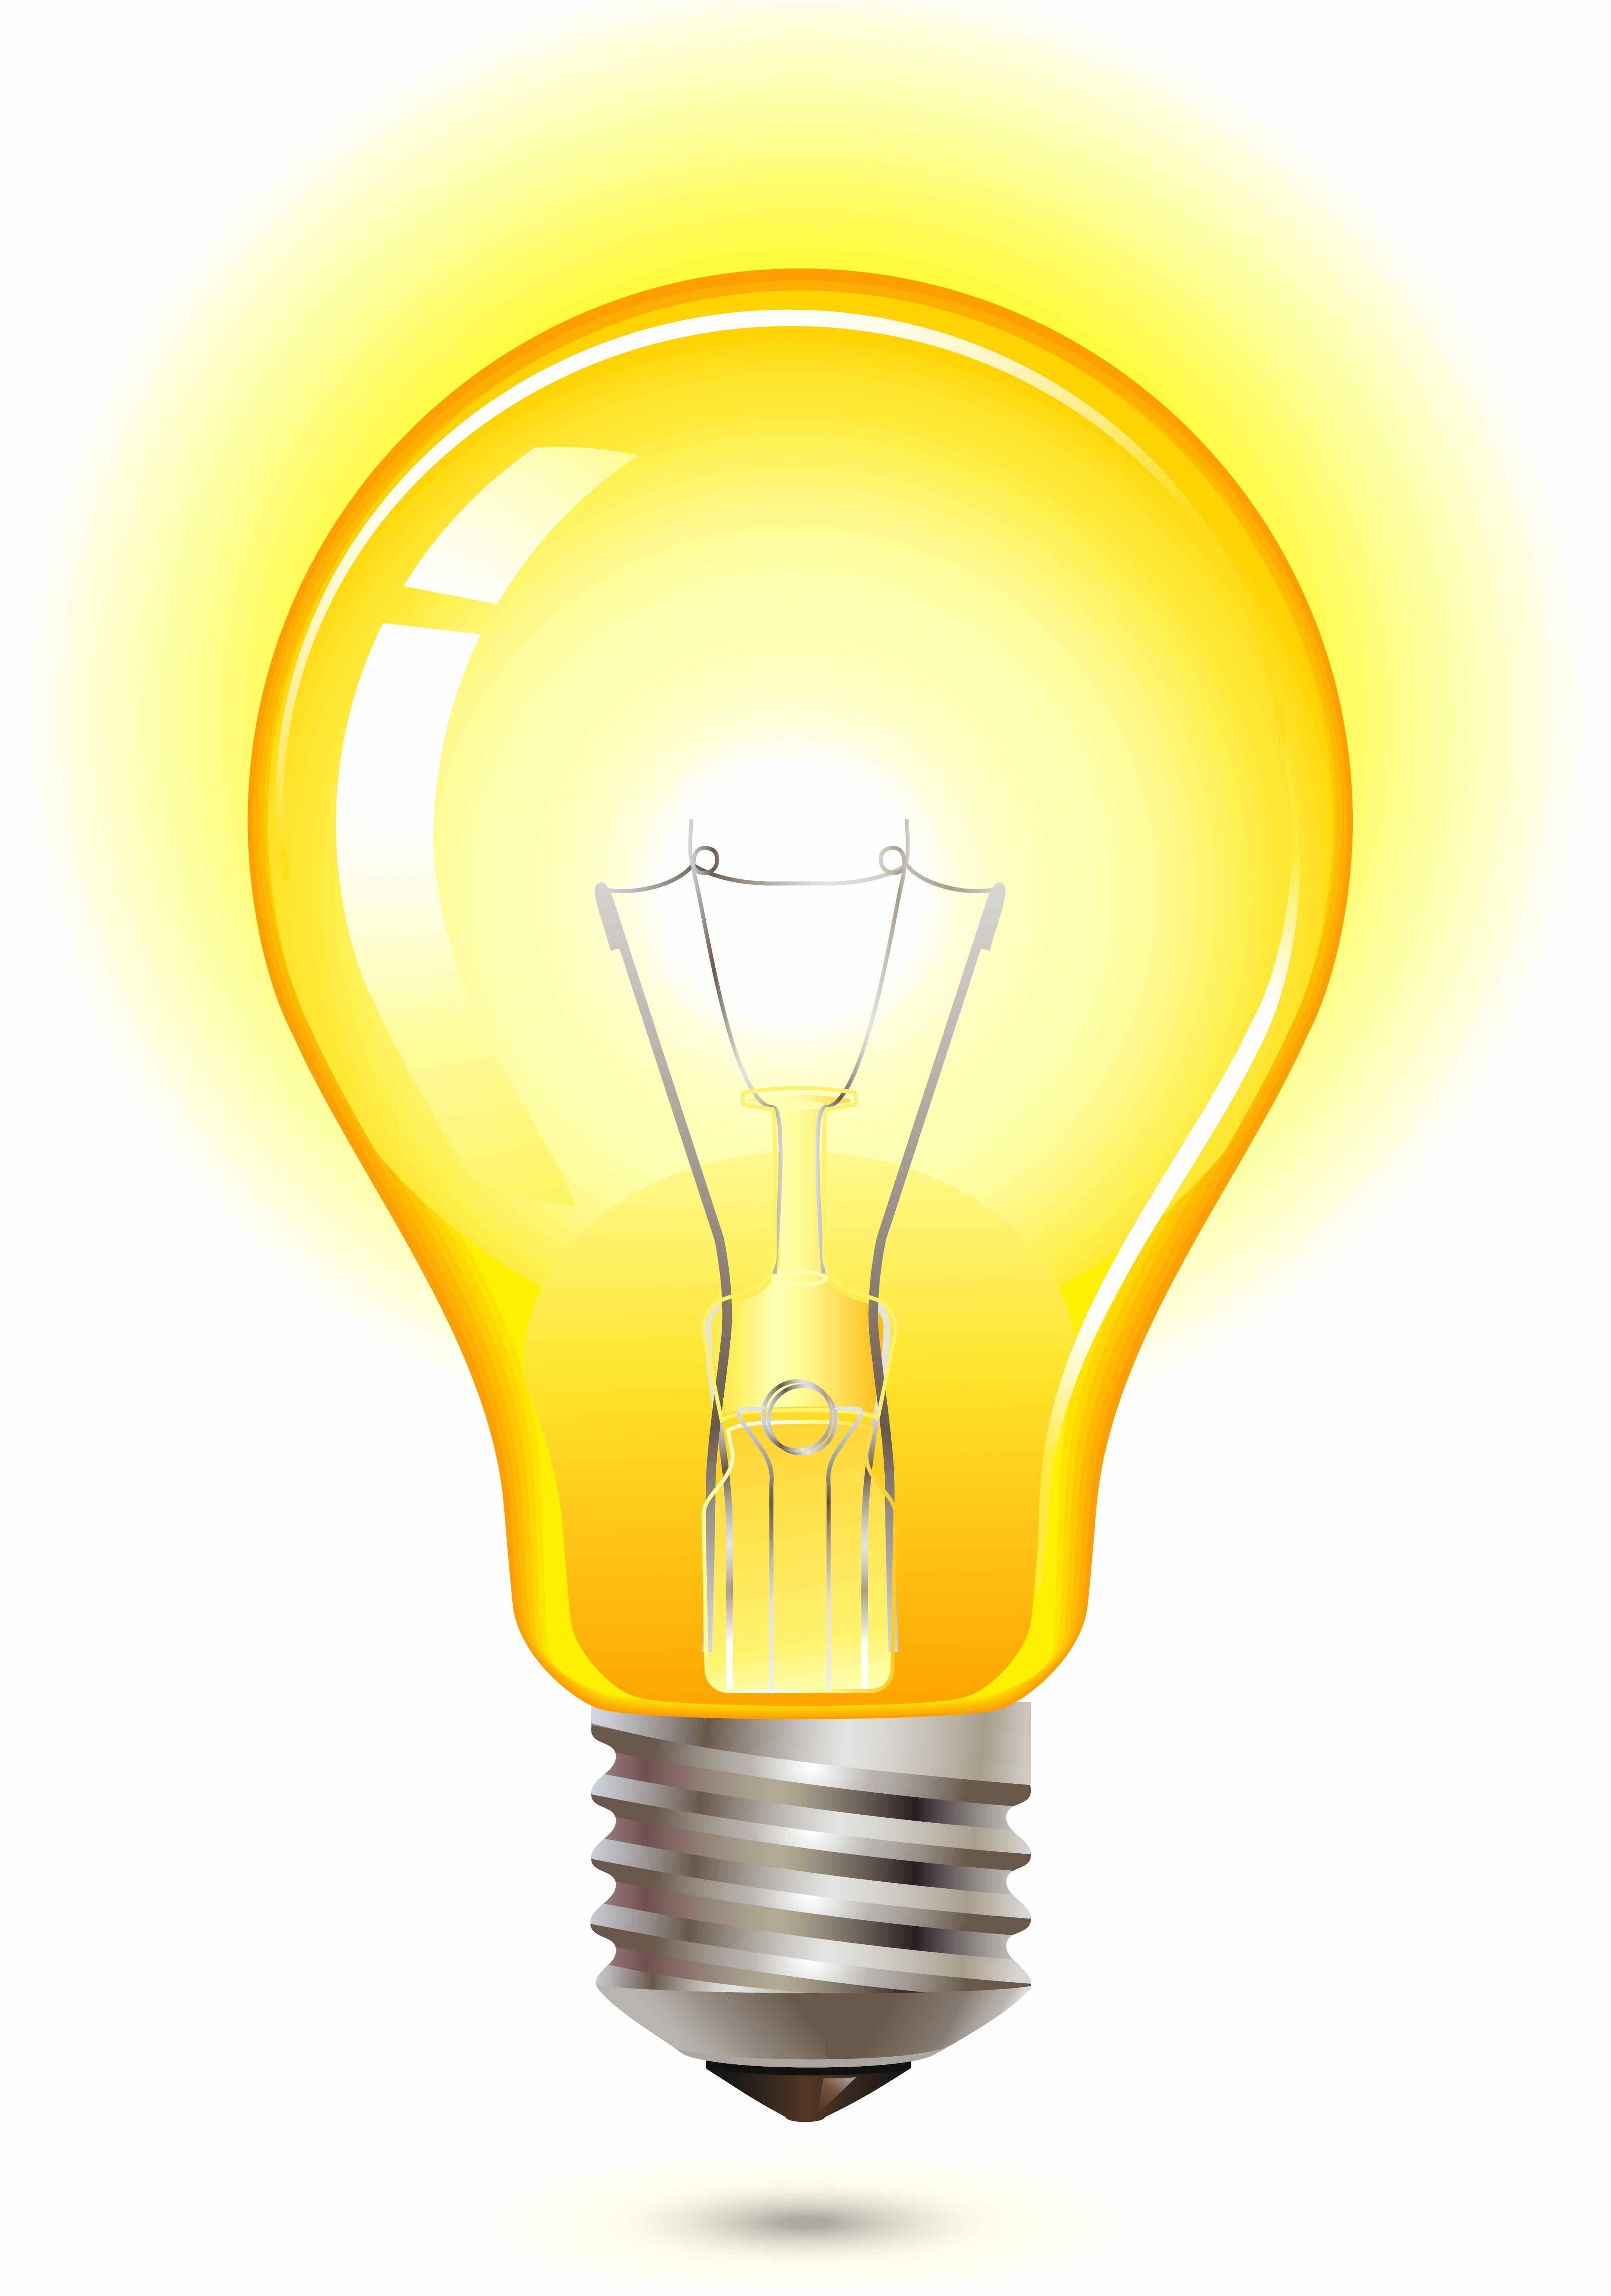 Dit Is Een Gloeilamp Light Bulb Led Rope Lights Light Bulb Lamp